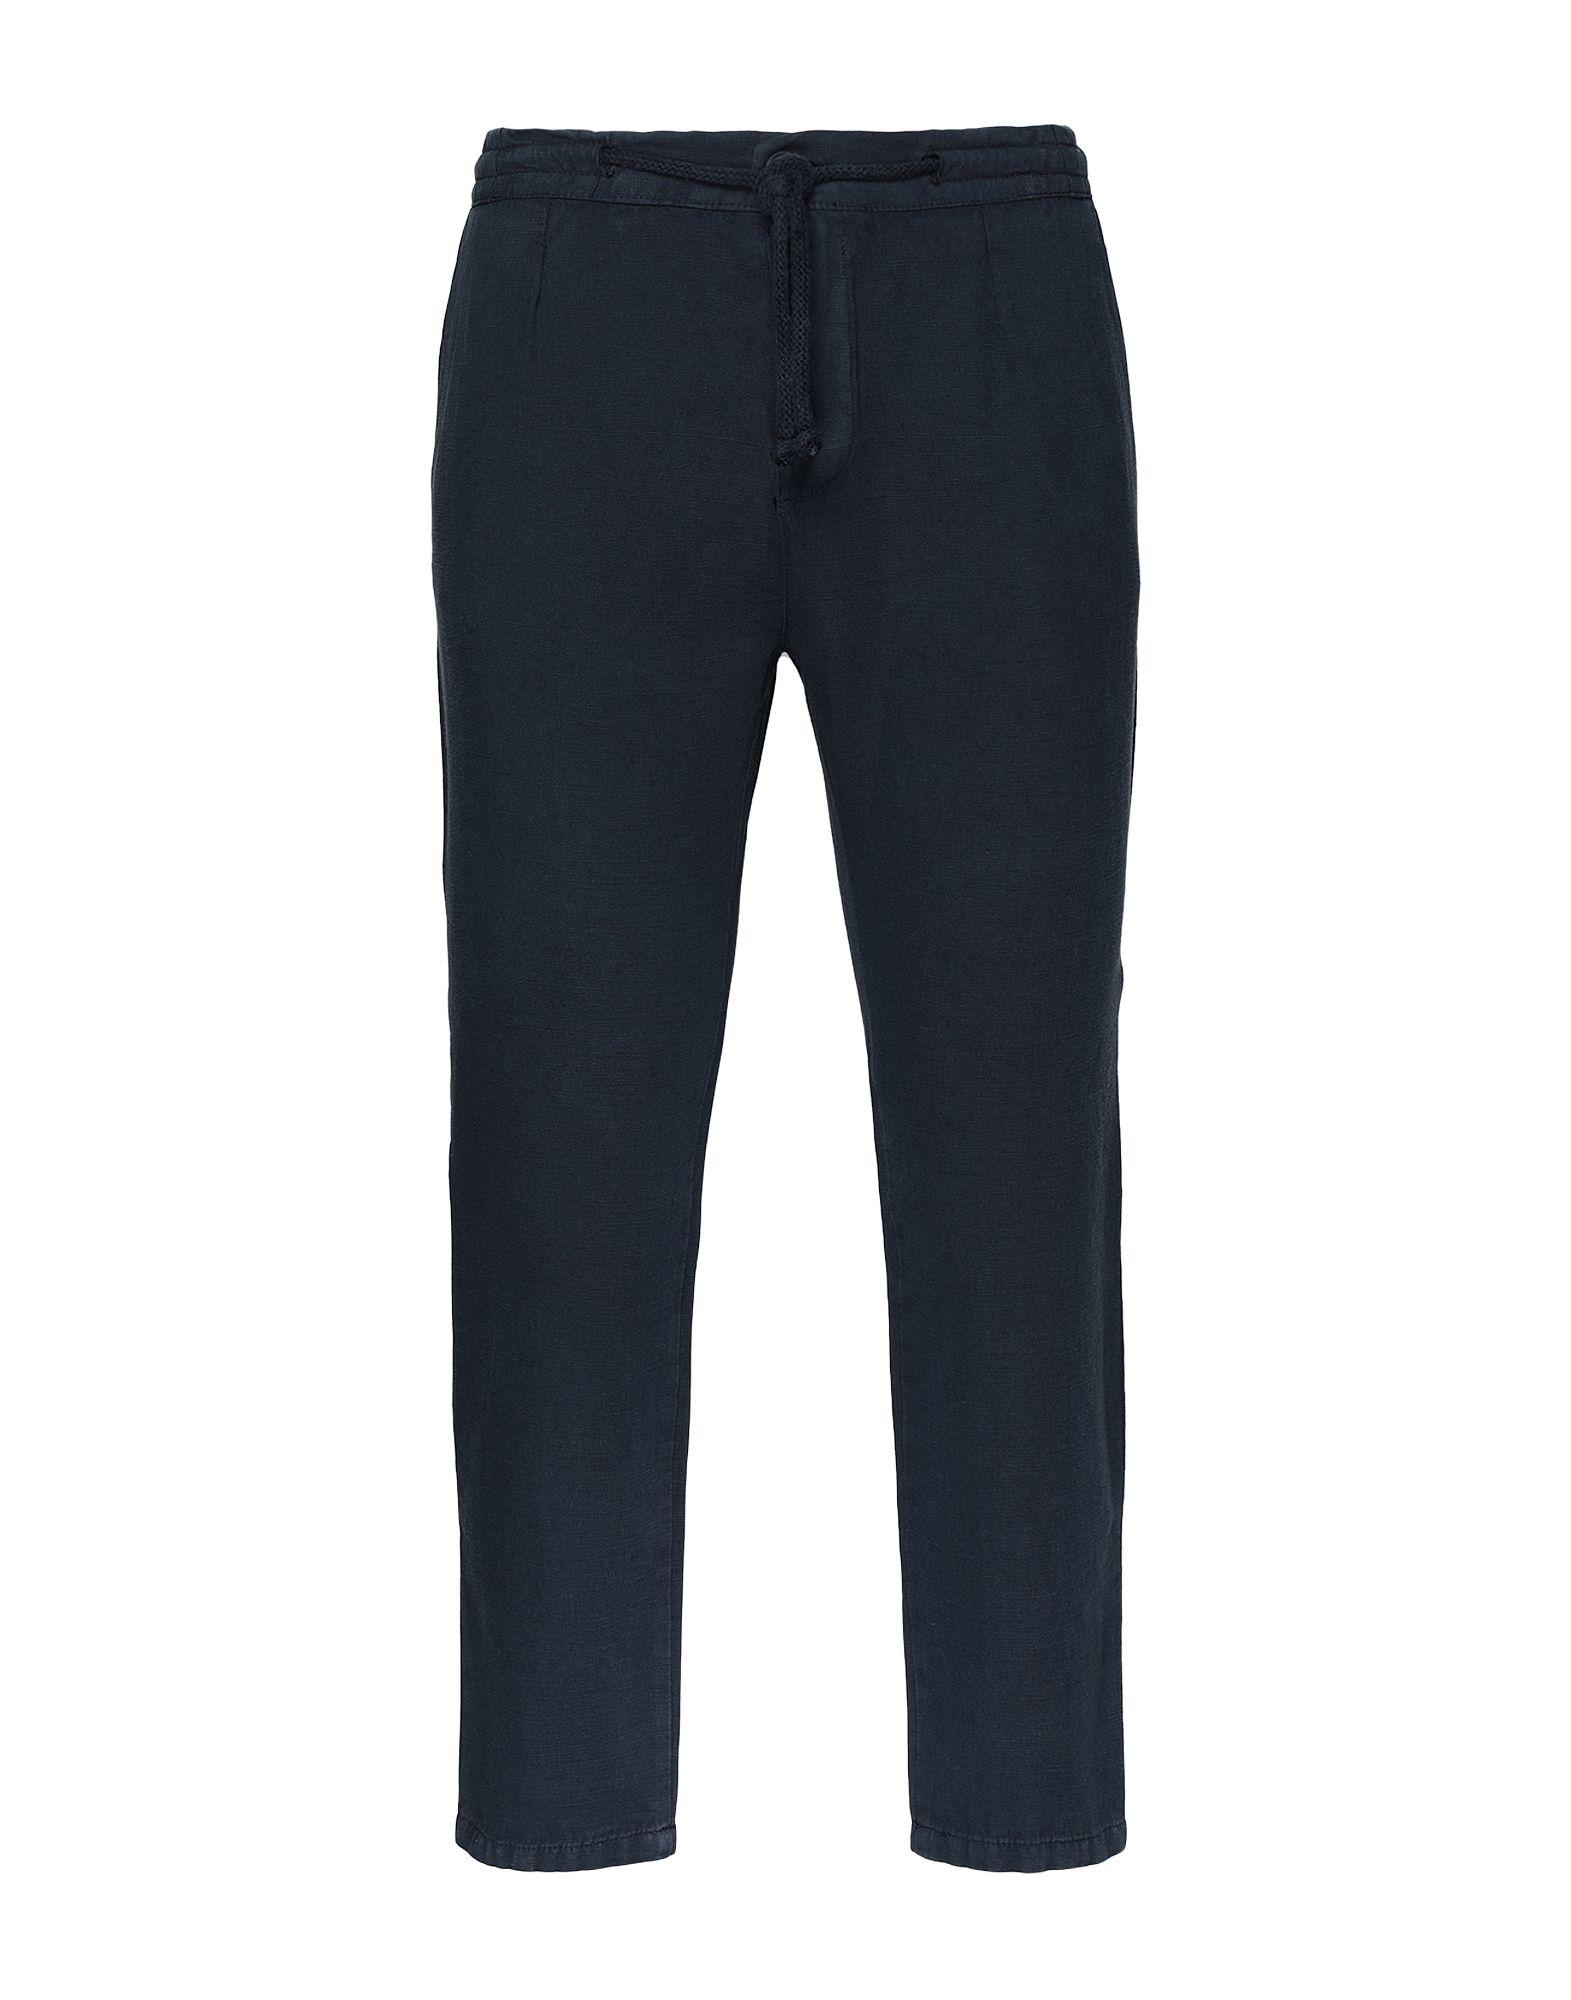 8 by YOOX Повседневные брюки 8 by yoox повседневные брюки